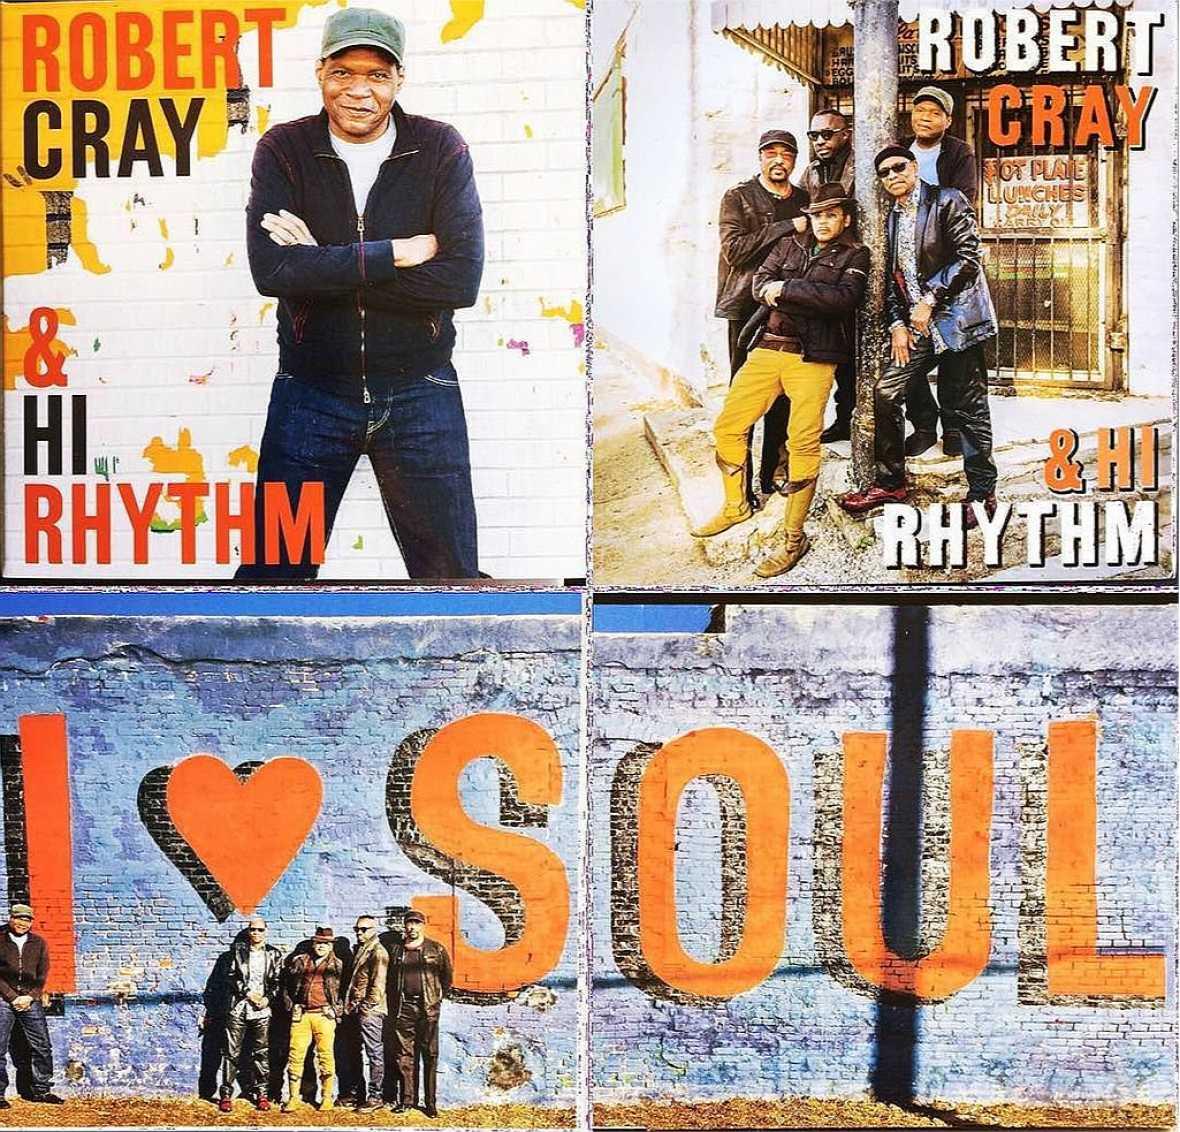 Próxima parada - Robert Cray elegantes solos de guitarra en su último álbum - 08/06/17 - Escuchar ahora